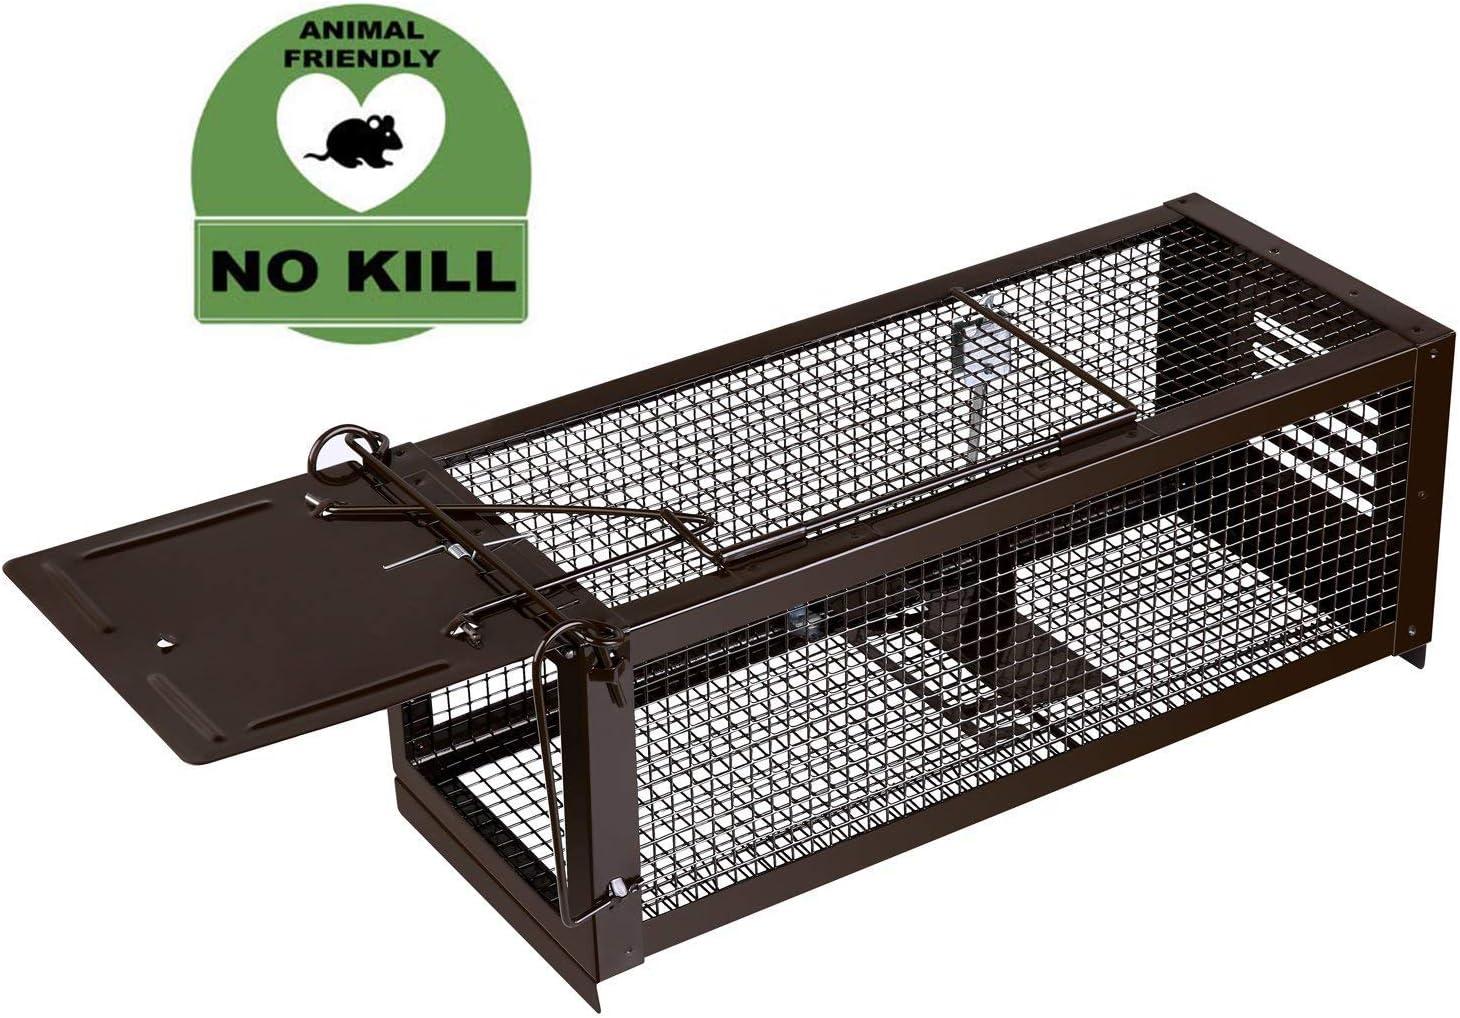 RatzFatz Trampa para ratas Profesional XL 32 x 13 x 13 cm, Sensibilidad ajustable, ideal Para Atrapar Ratones, Ratas y Otros Animales Pequeños Sin matarlos, Humanitario y Reutilizable